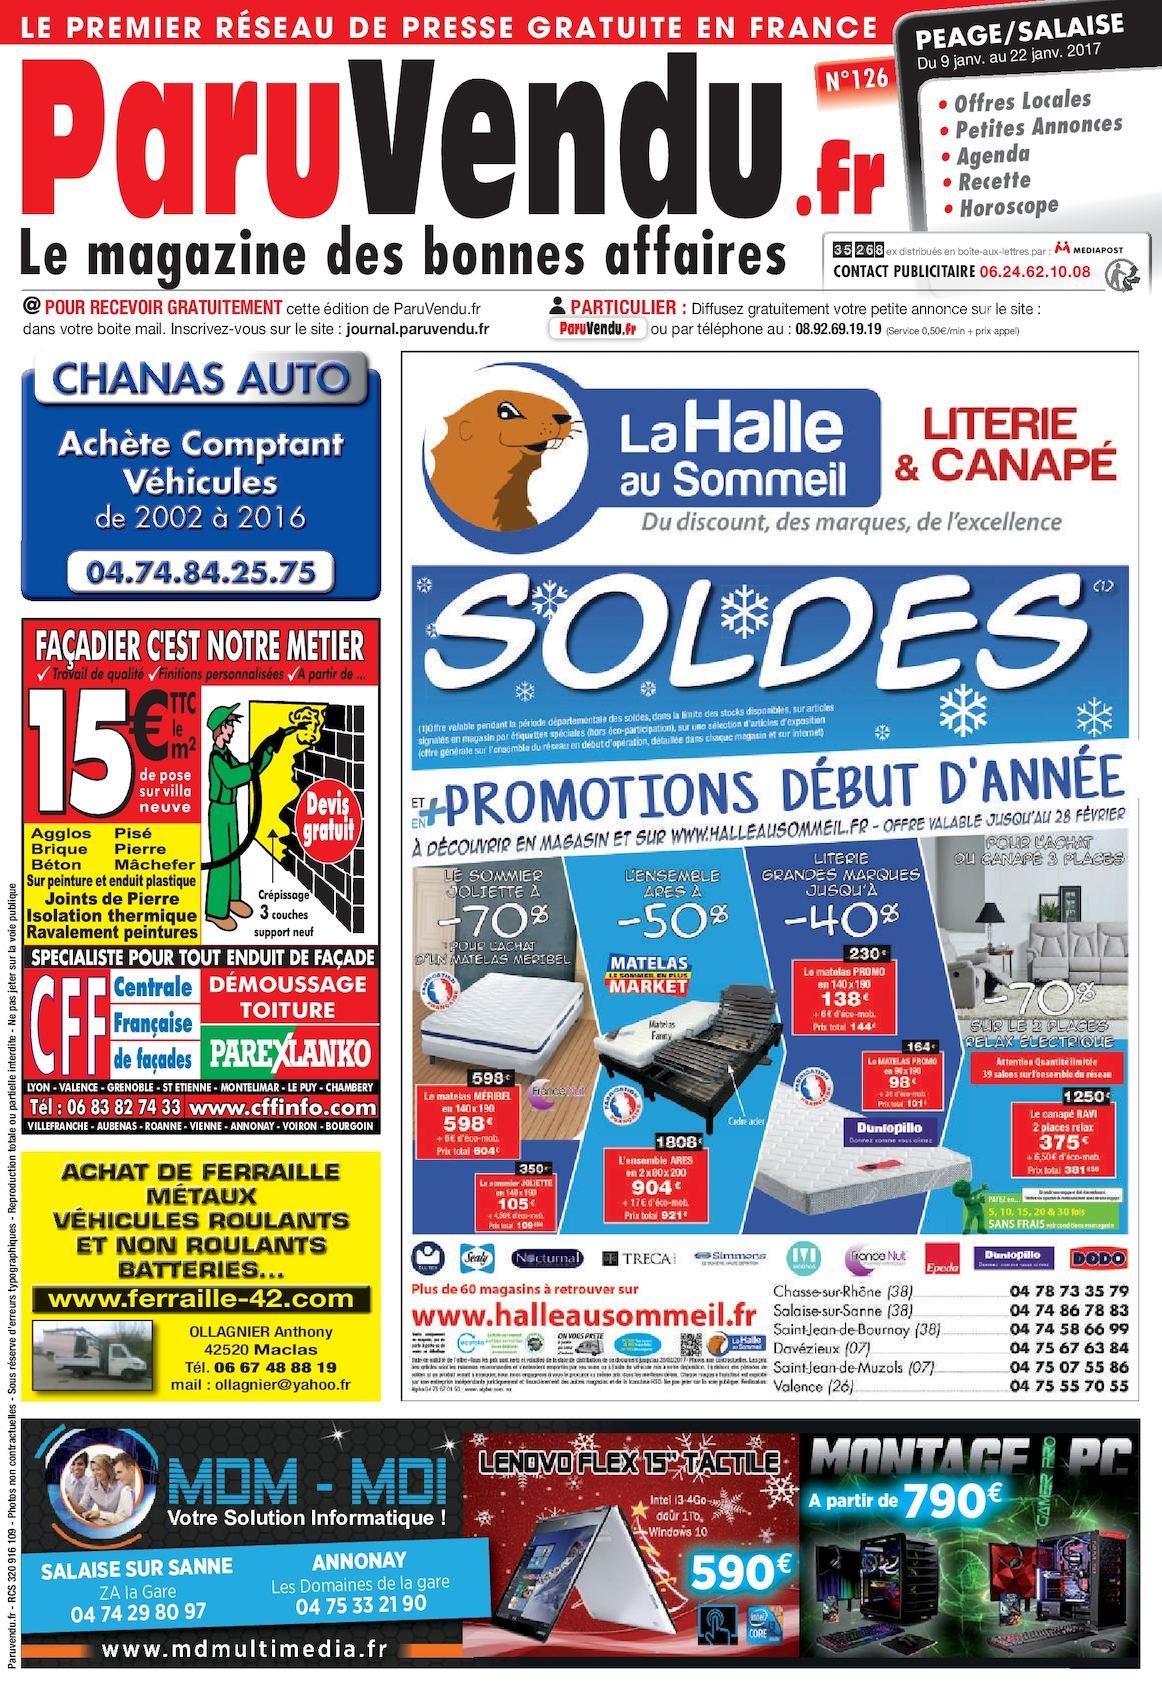 fr Calaméo Salaise Peage N°126 Paruvendu wPX8nO0k